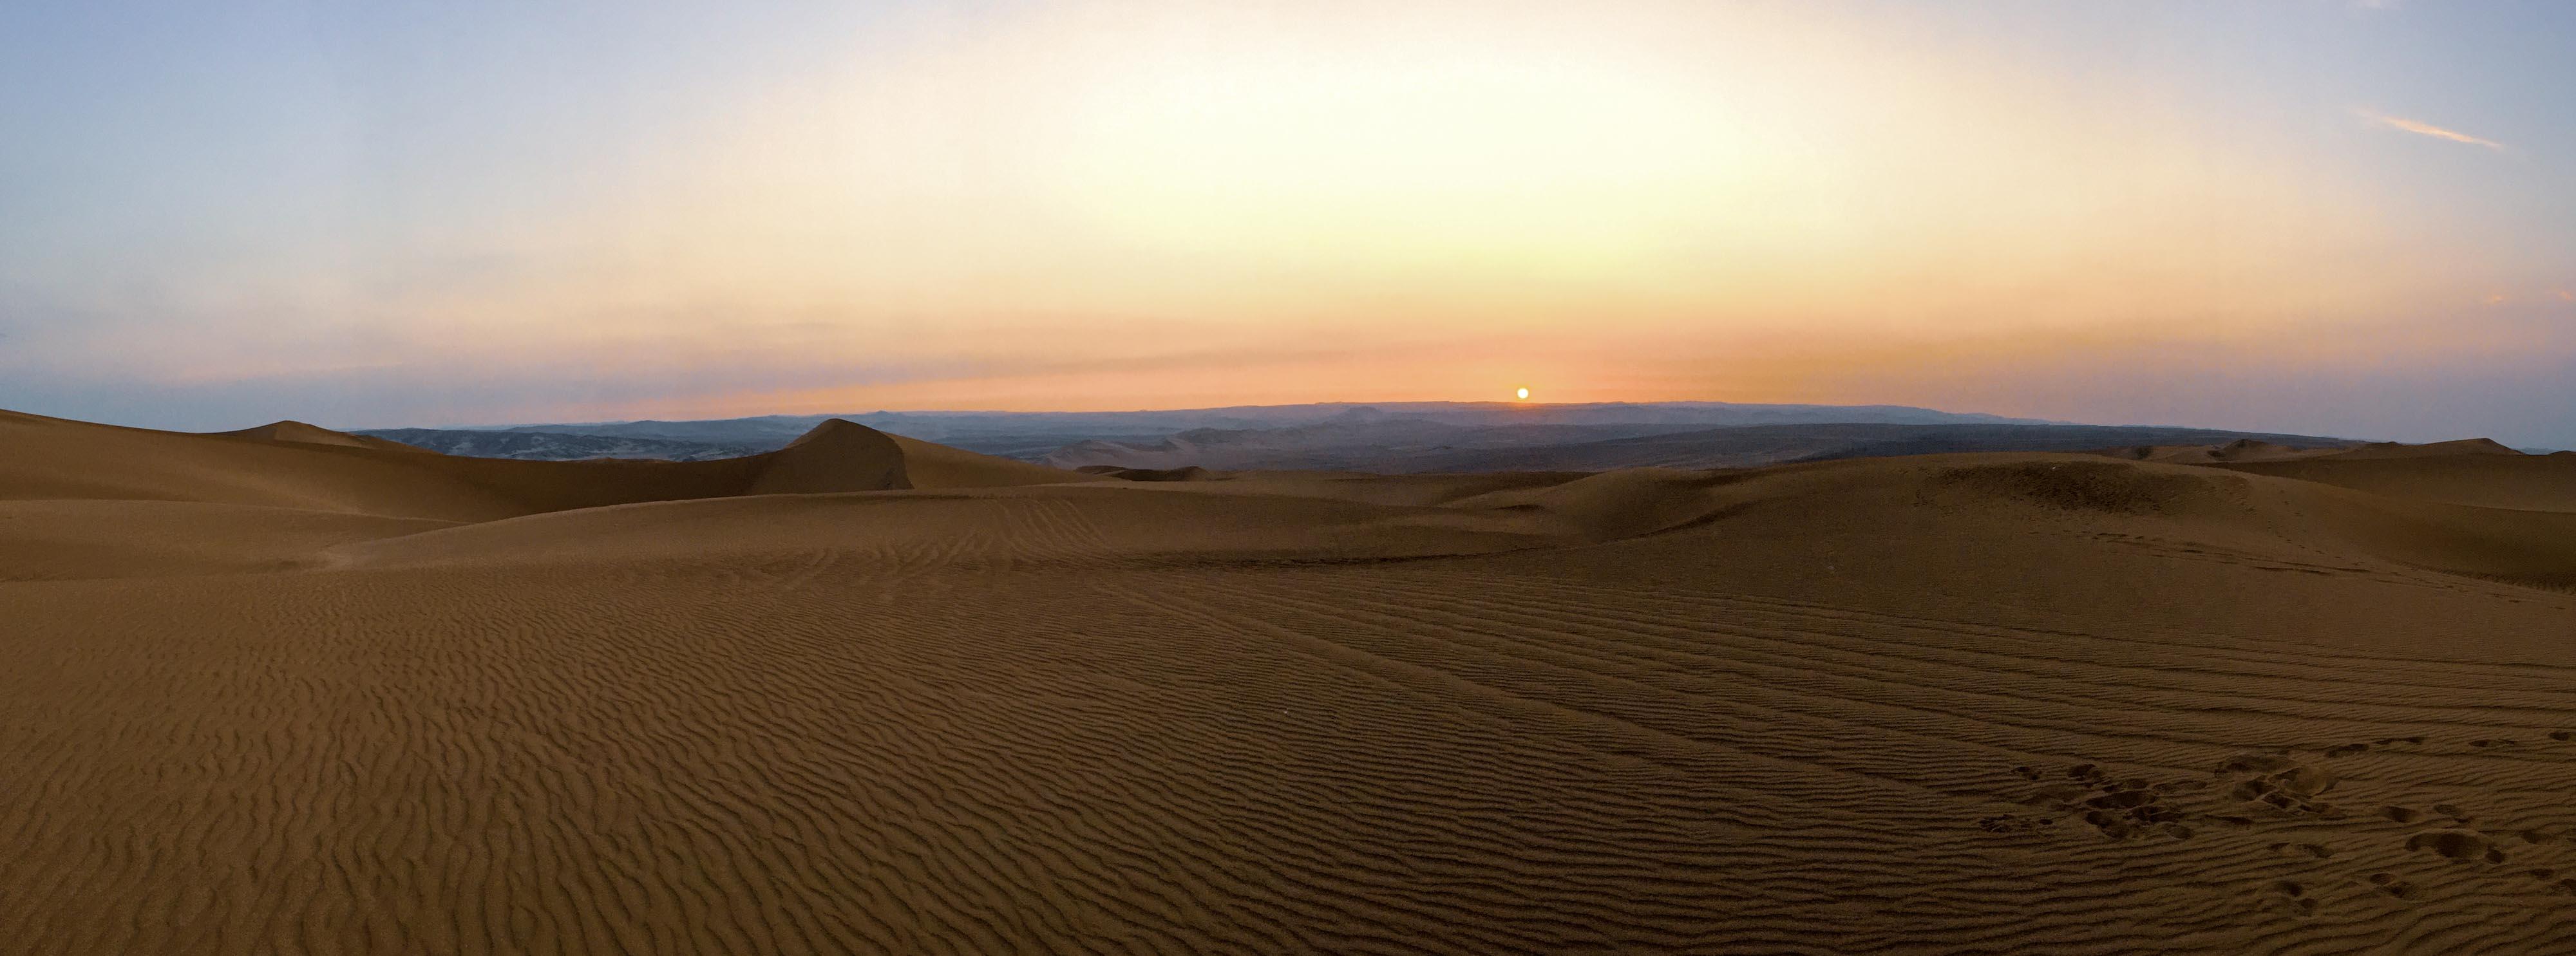 Le panorama sur le coucher du soleil